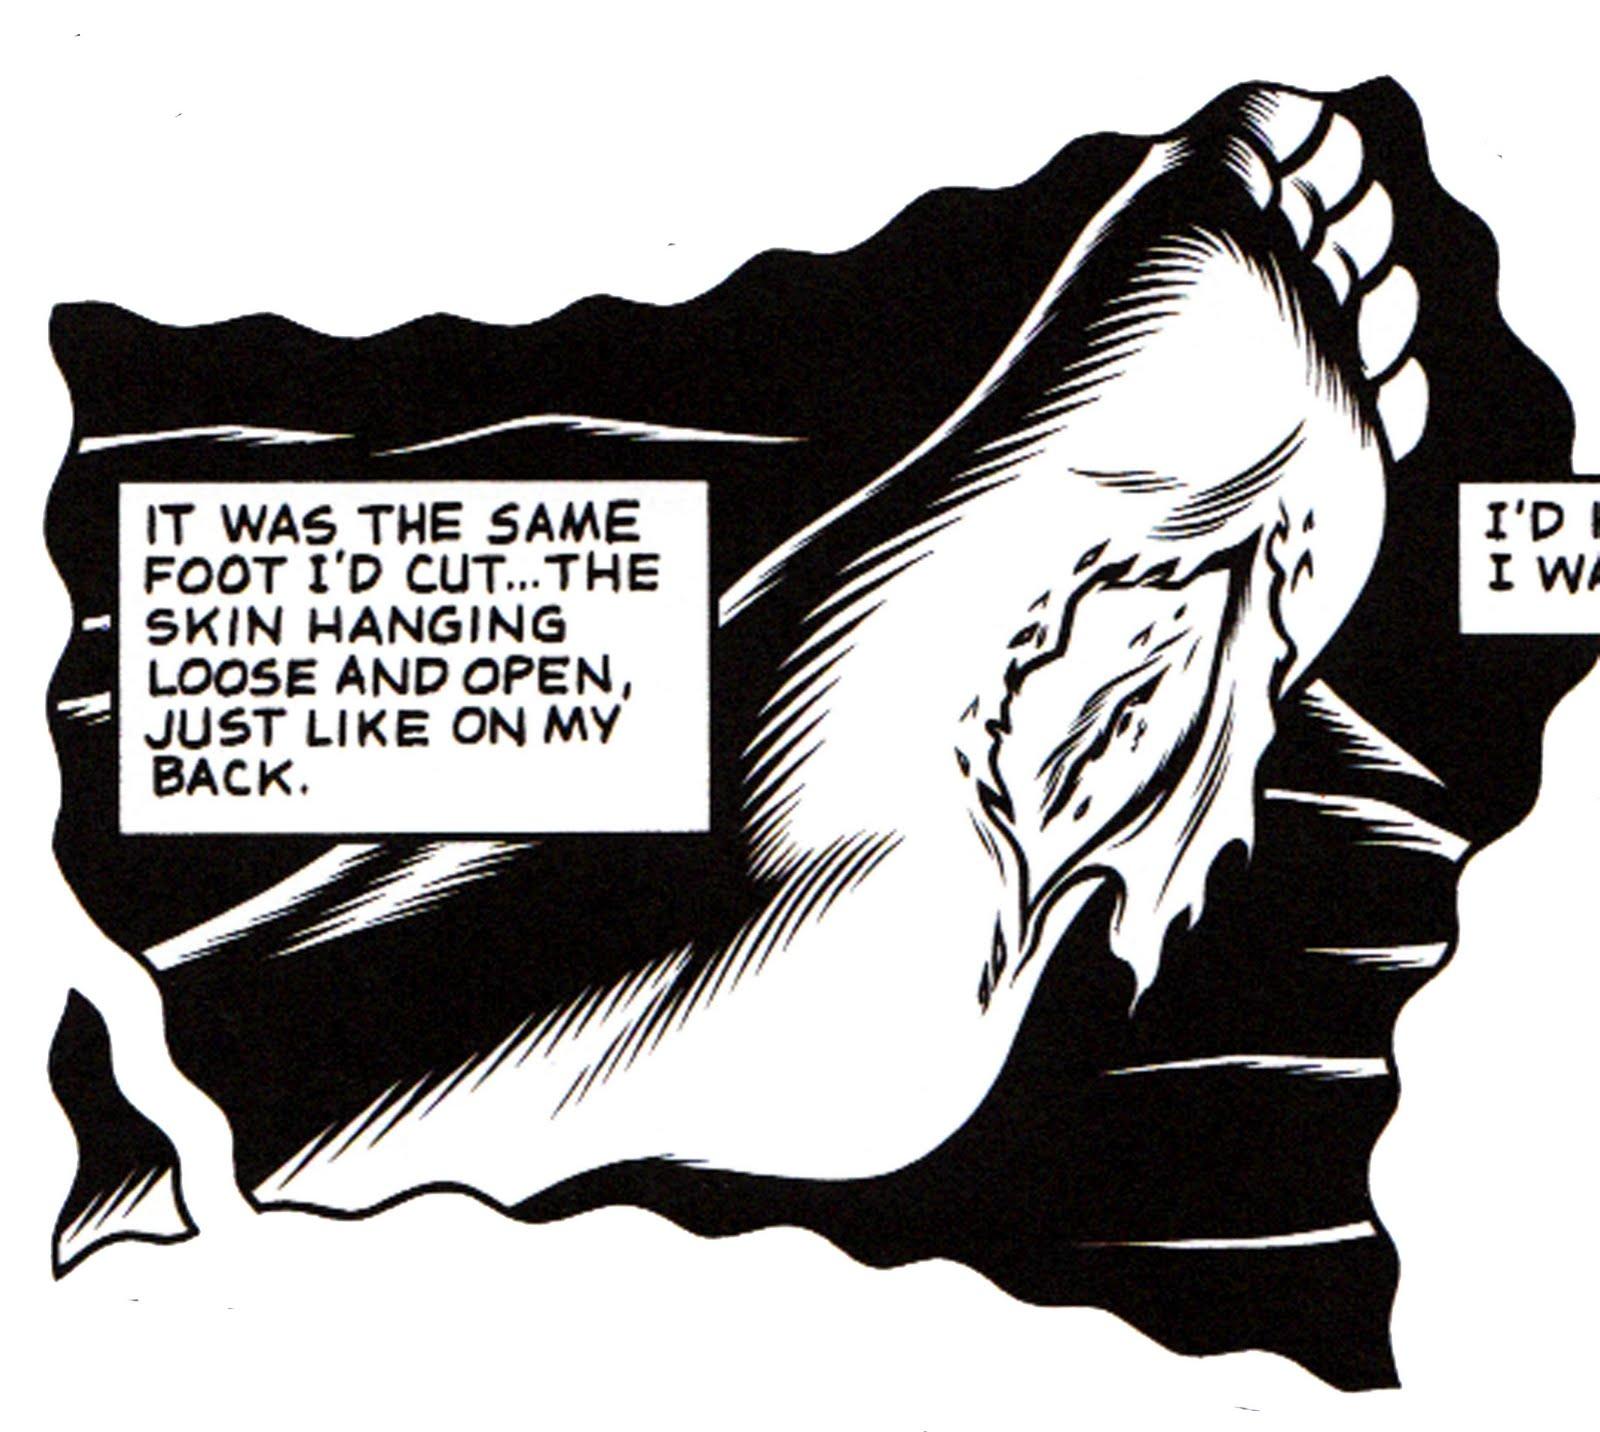 Serie Archives - Seite 5 von 5 - Neues aus dem Elfenbeinturm